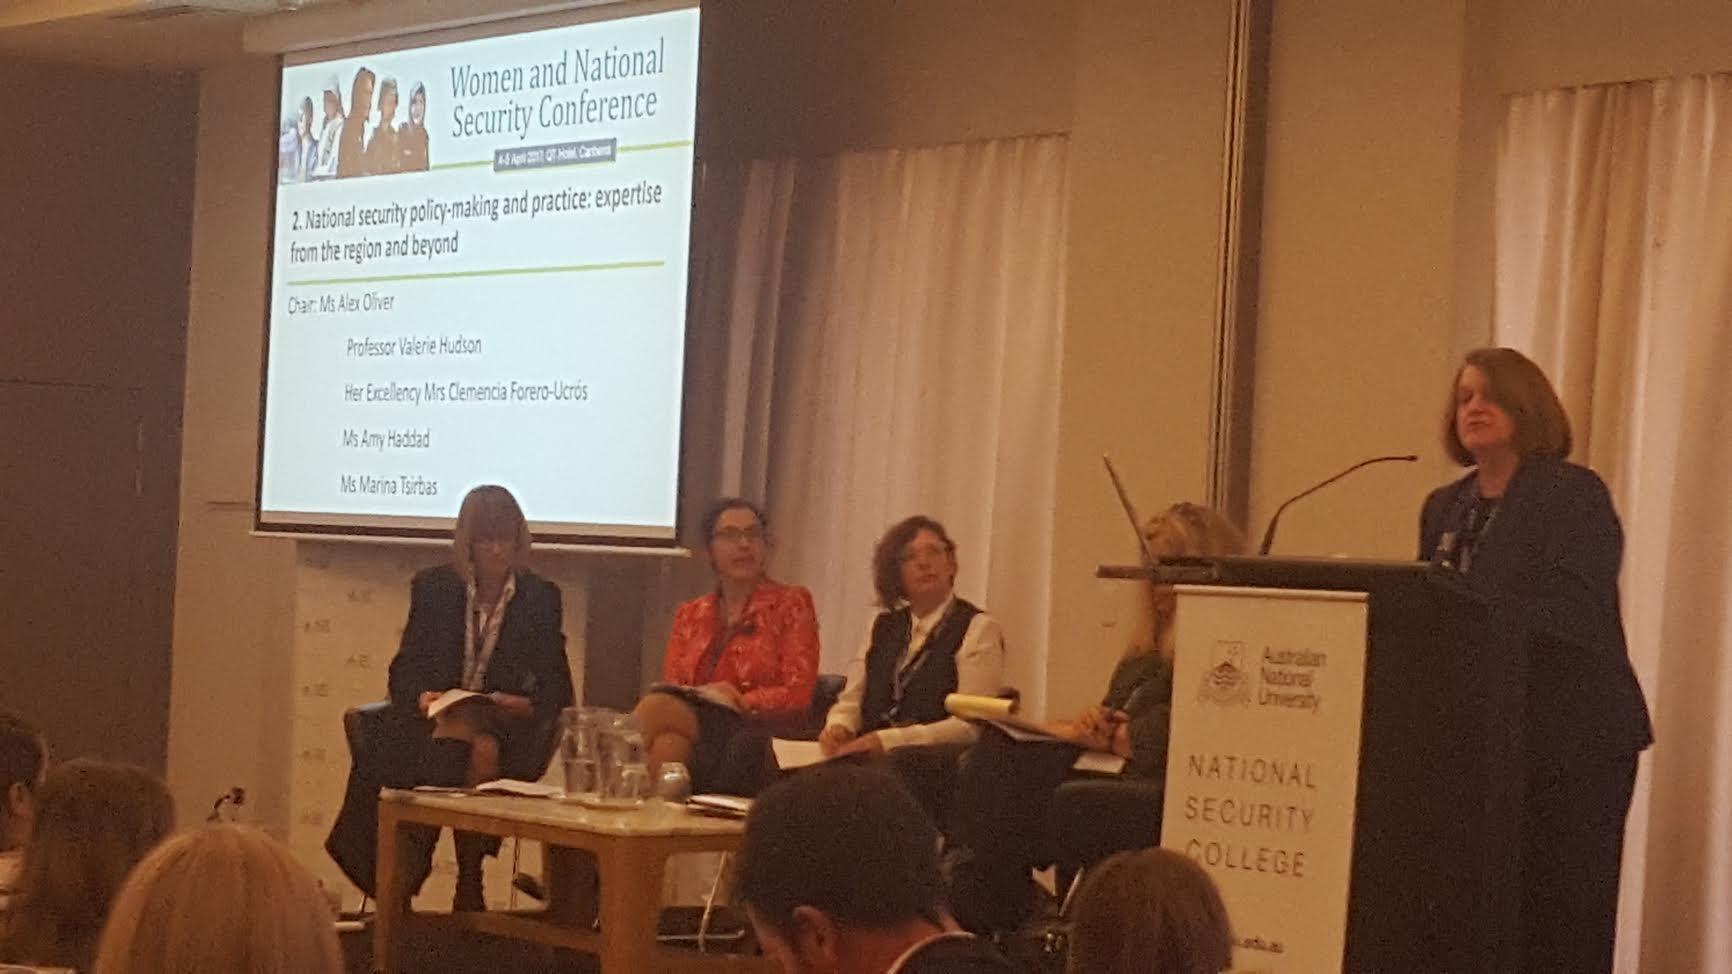 La Embajadora de Colombia en Australia participó en la conferencia Mujeres y Seguridad Nacional de la Universidad Nacional